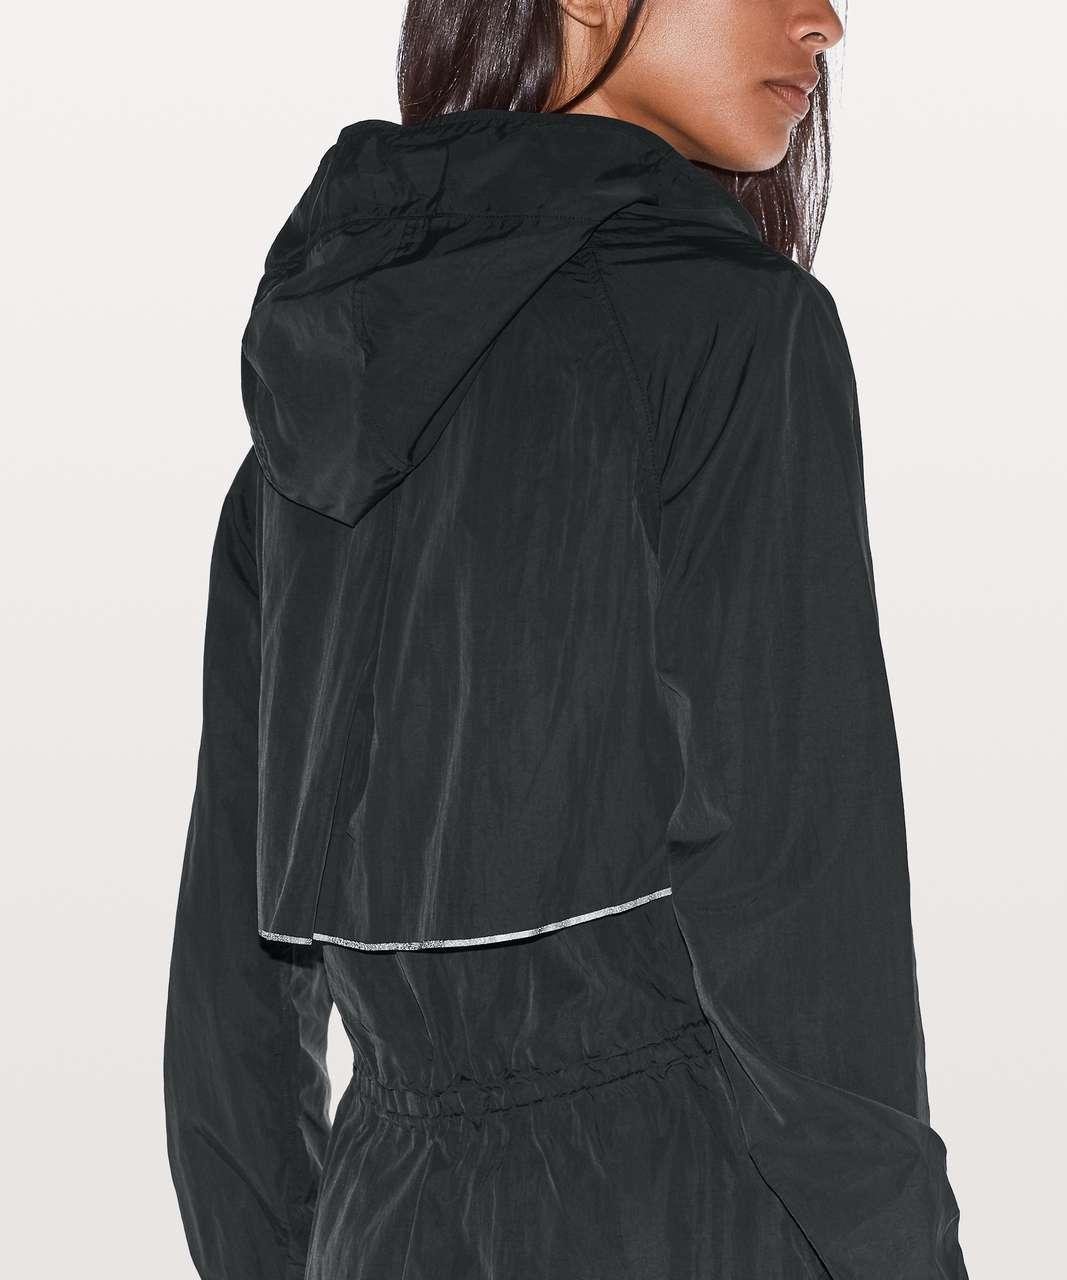 Lululemon Pack & Glyde Jacket - Black (First Release)